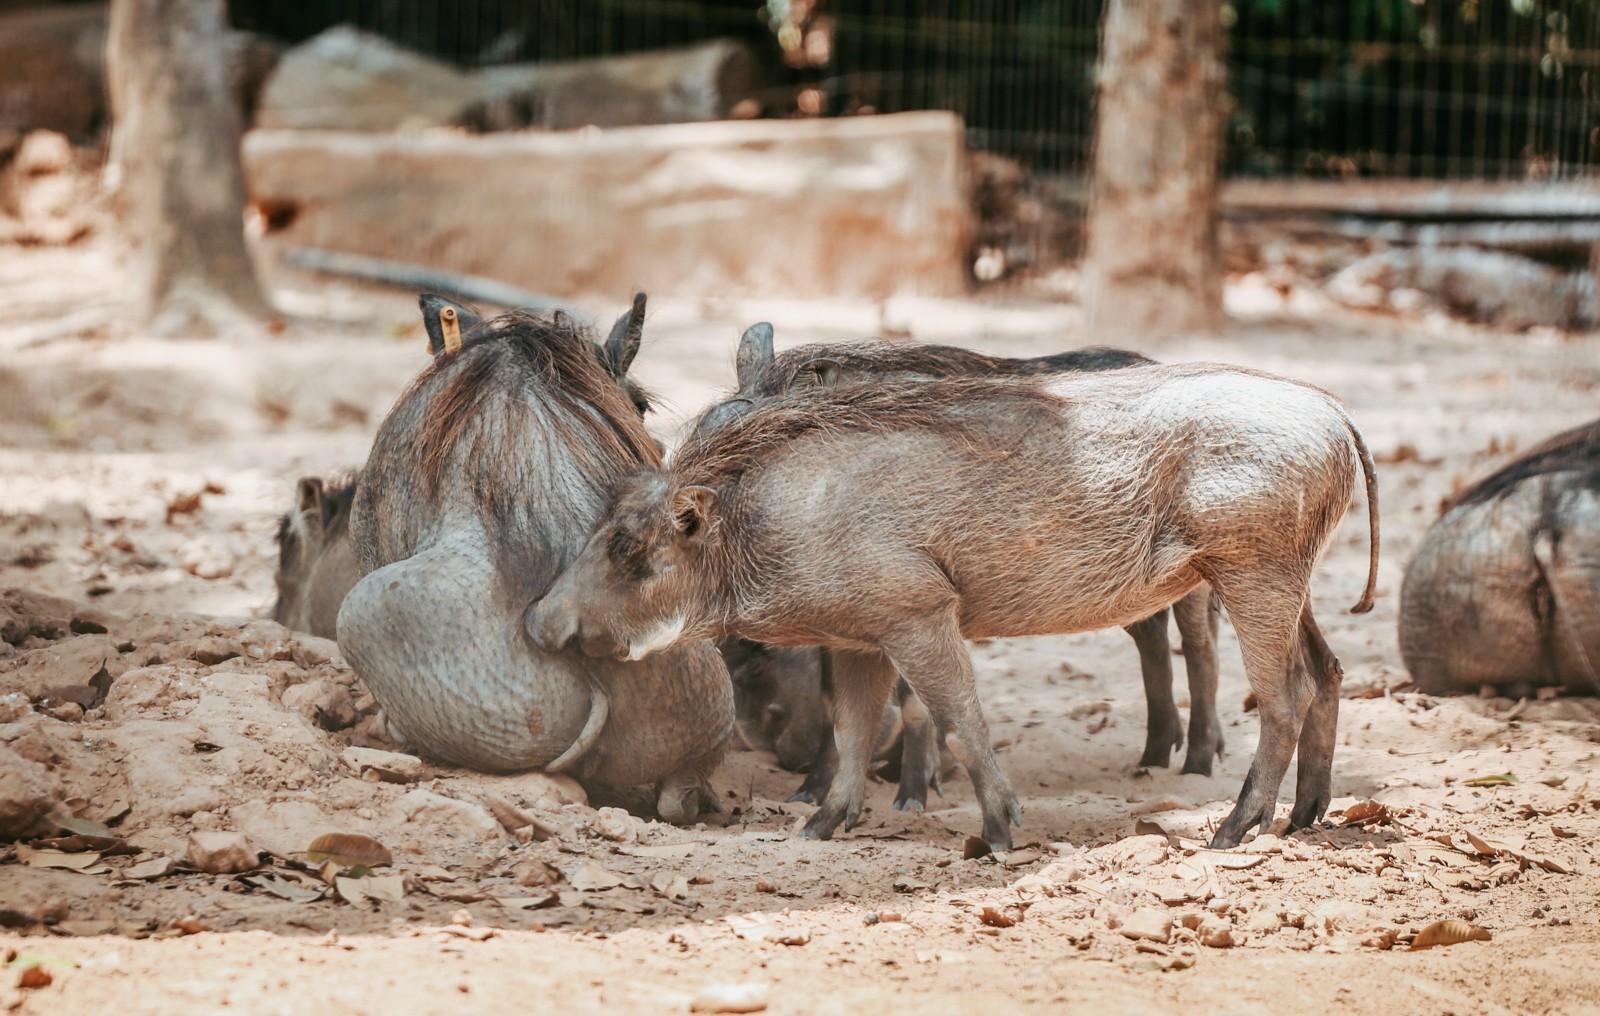 Ngắm những cặp mẹ con thú hoang dã đáng yêu ở Vinpearl Safari Phú Quốc - Ảnh 5.